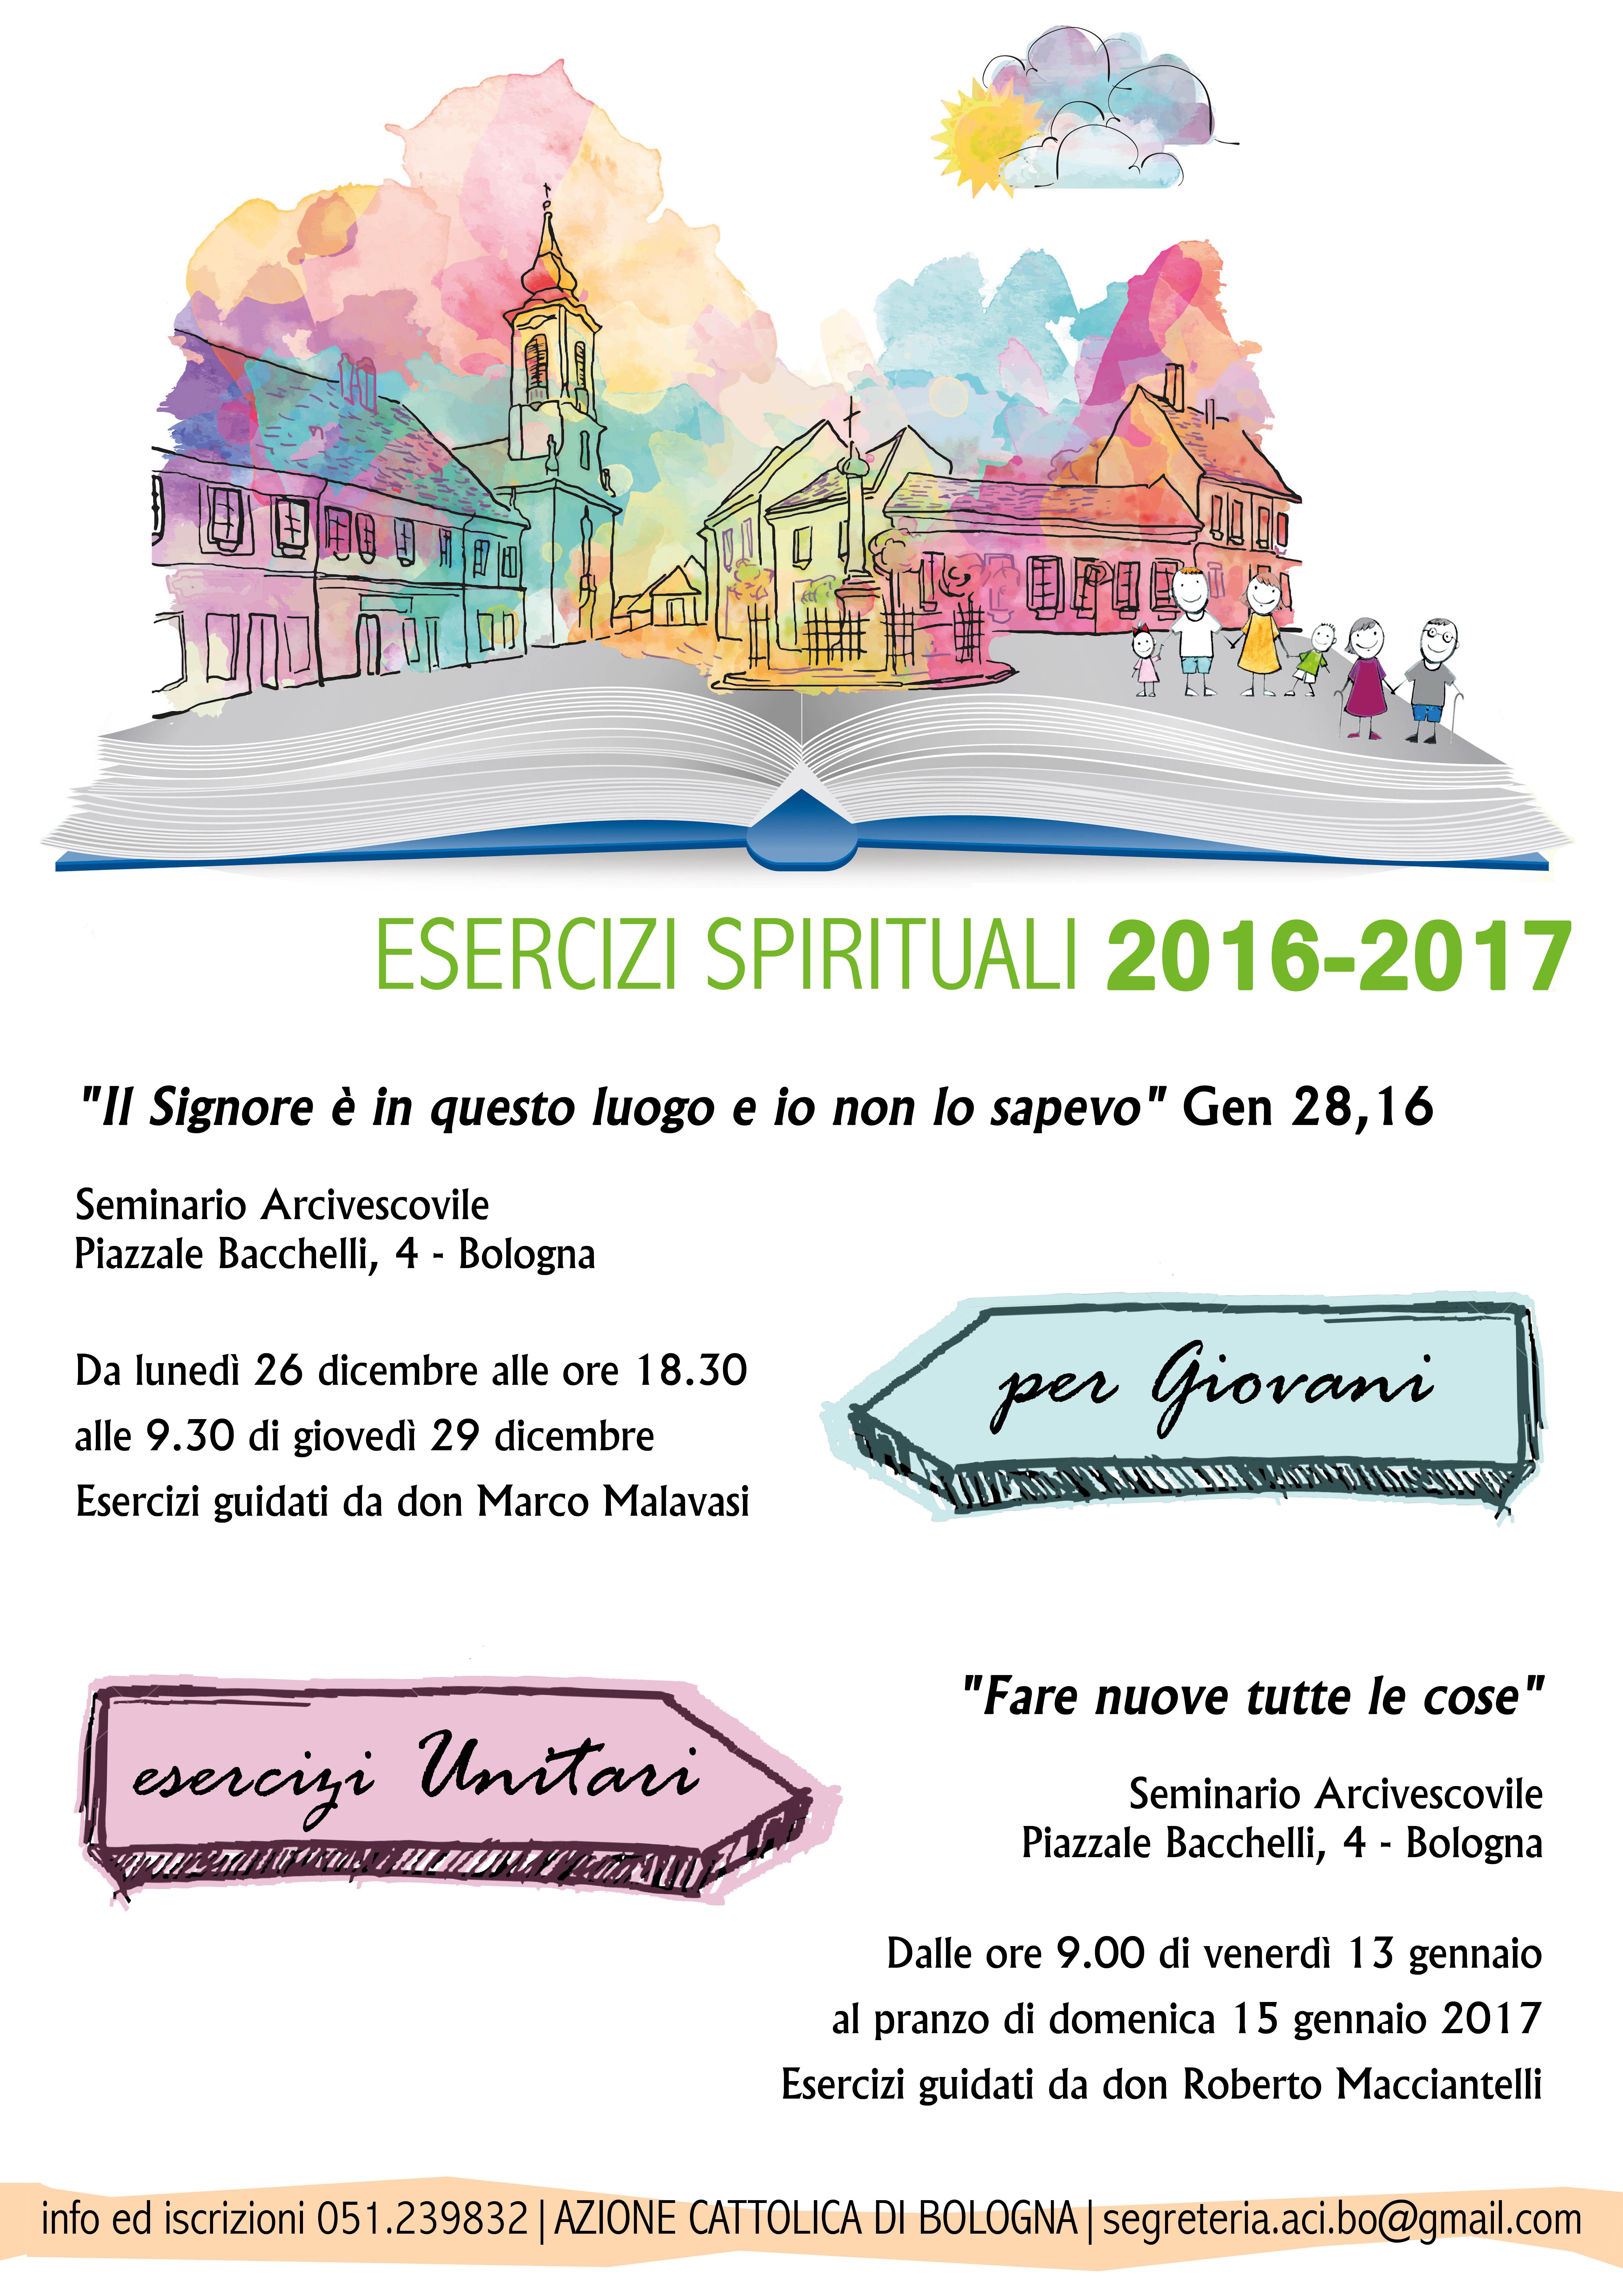 Esercizi spirituali giovani 2016 @ Seminario arcivescovile | Bologna | Emilia-Romagna | Italia